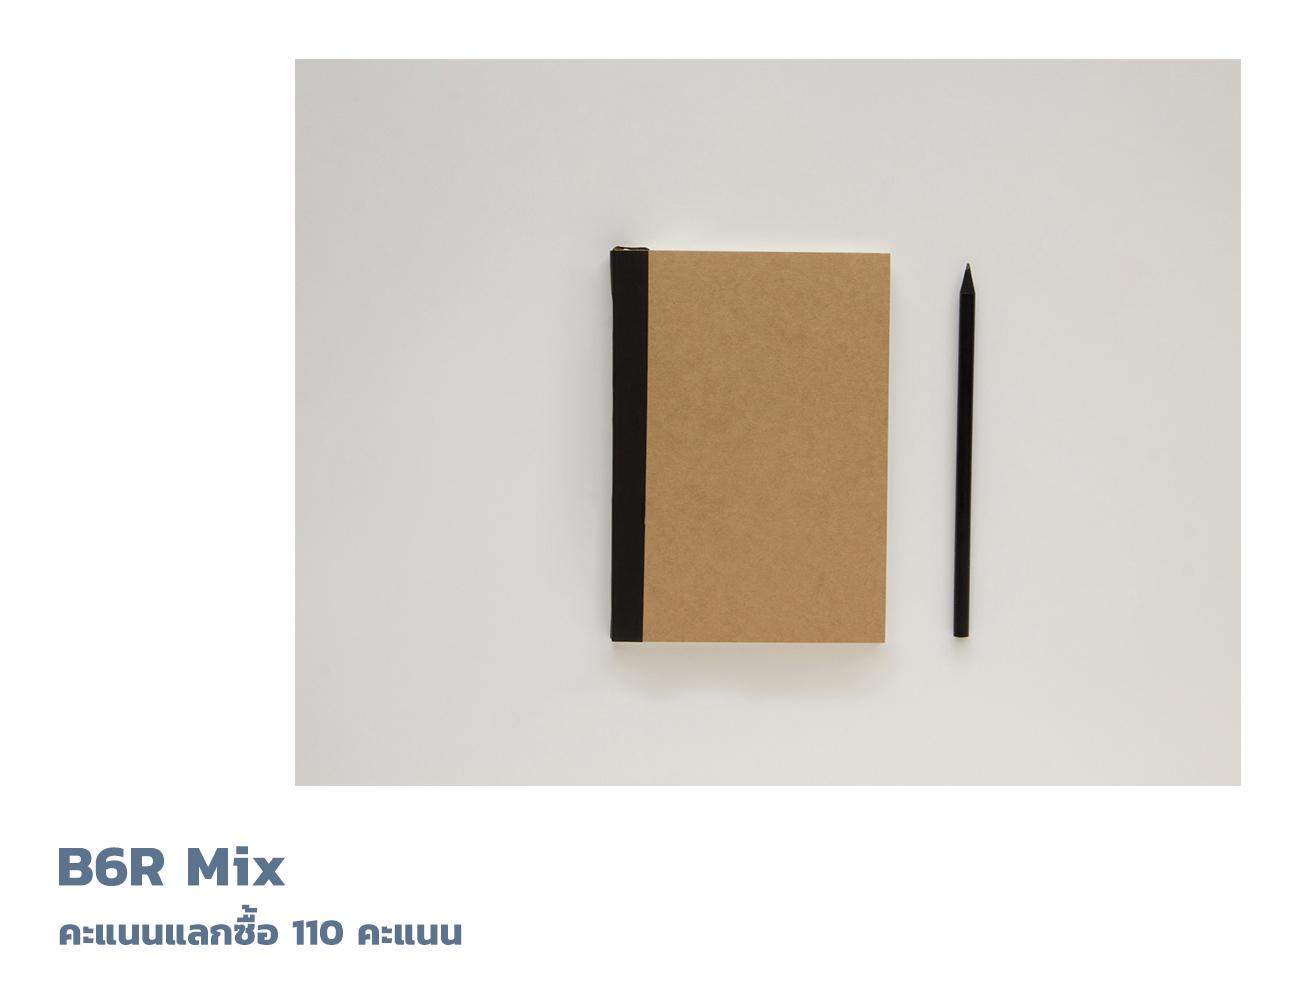 B6R Mix